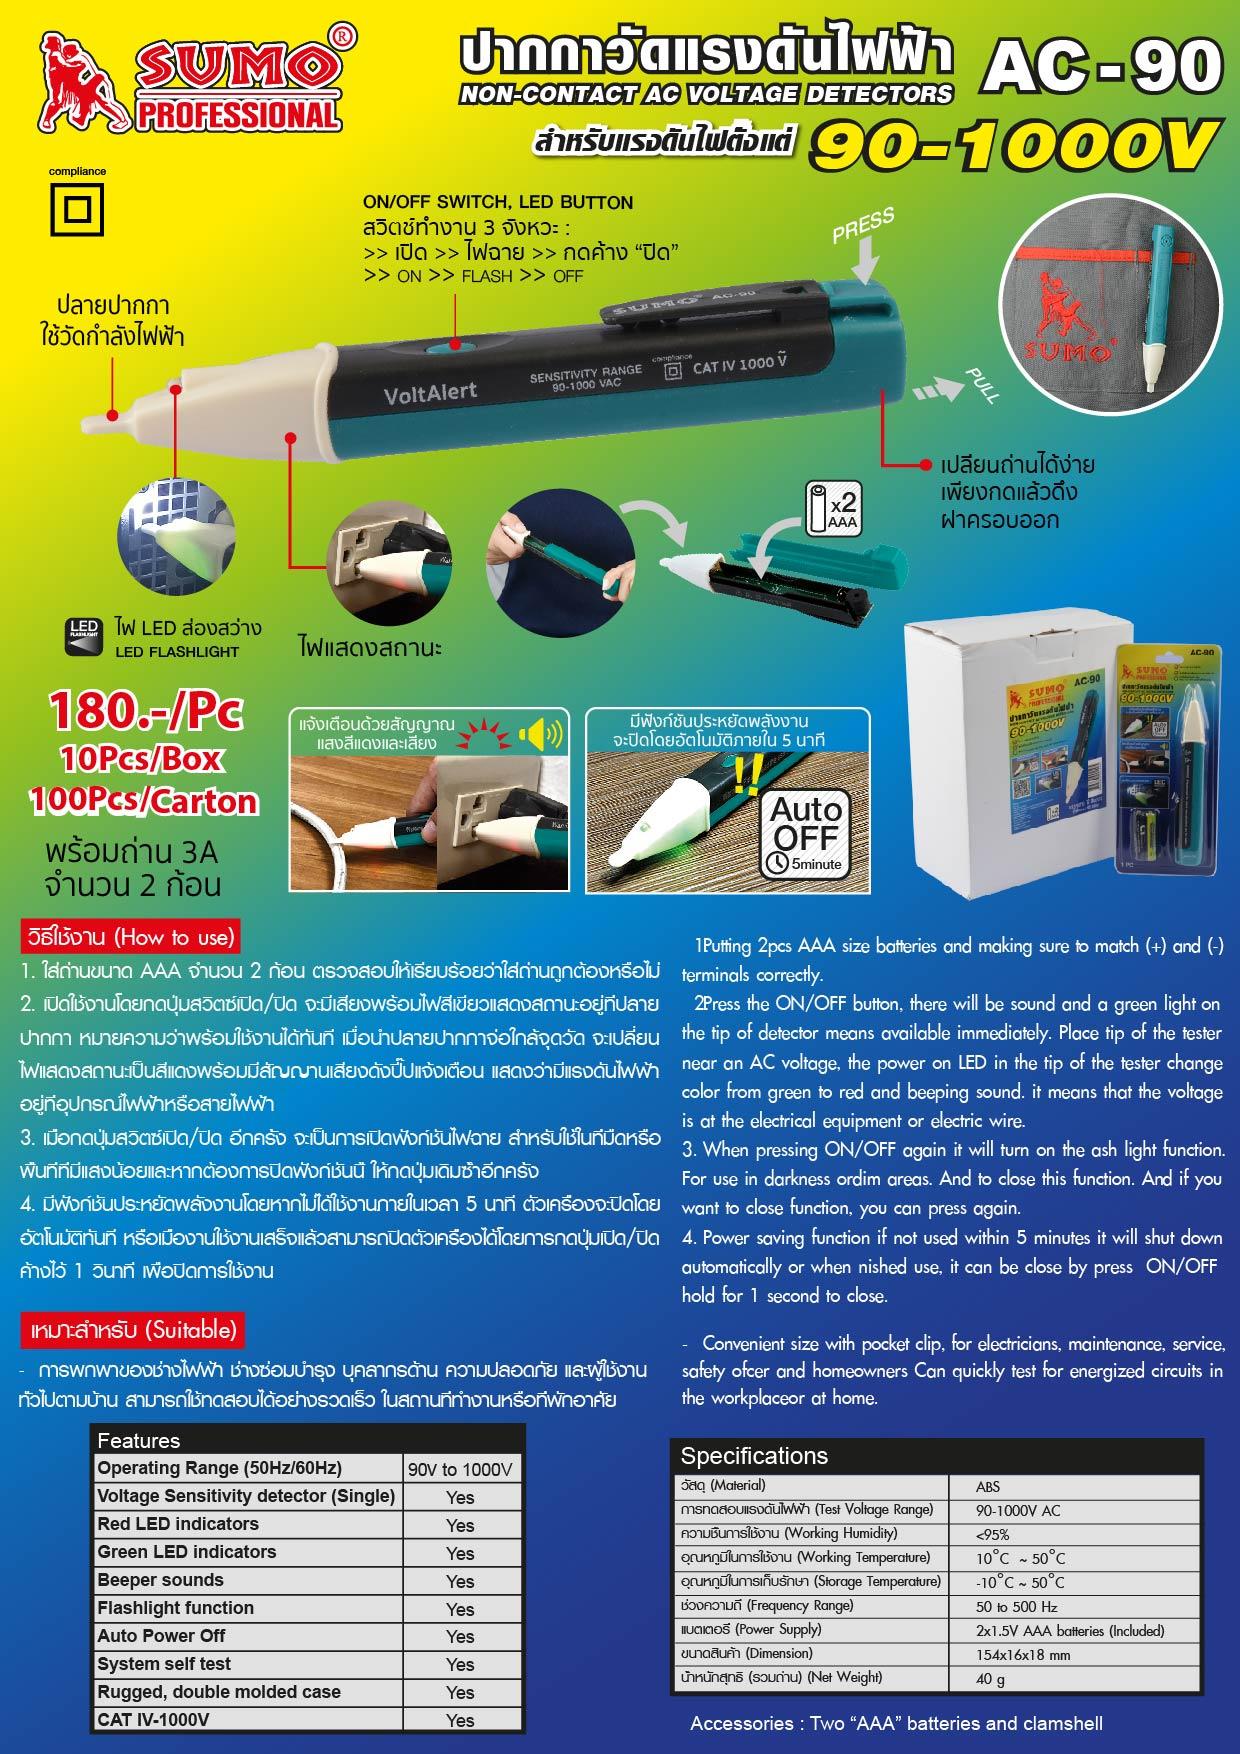 (5/15) ปากกาวัดแรงดันไฟฟ้า AC-90